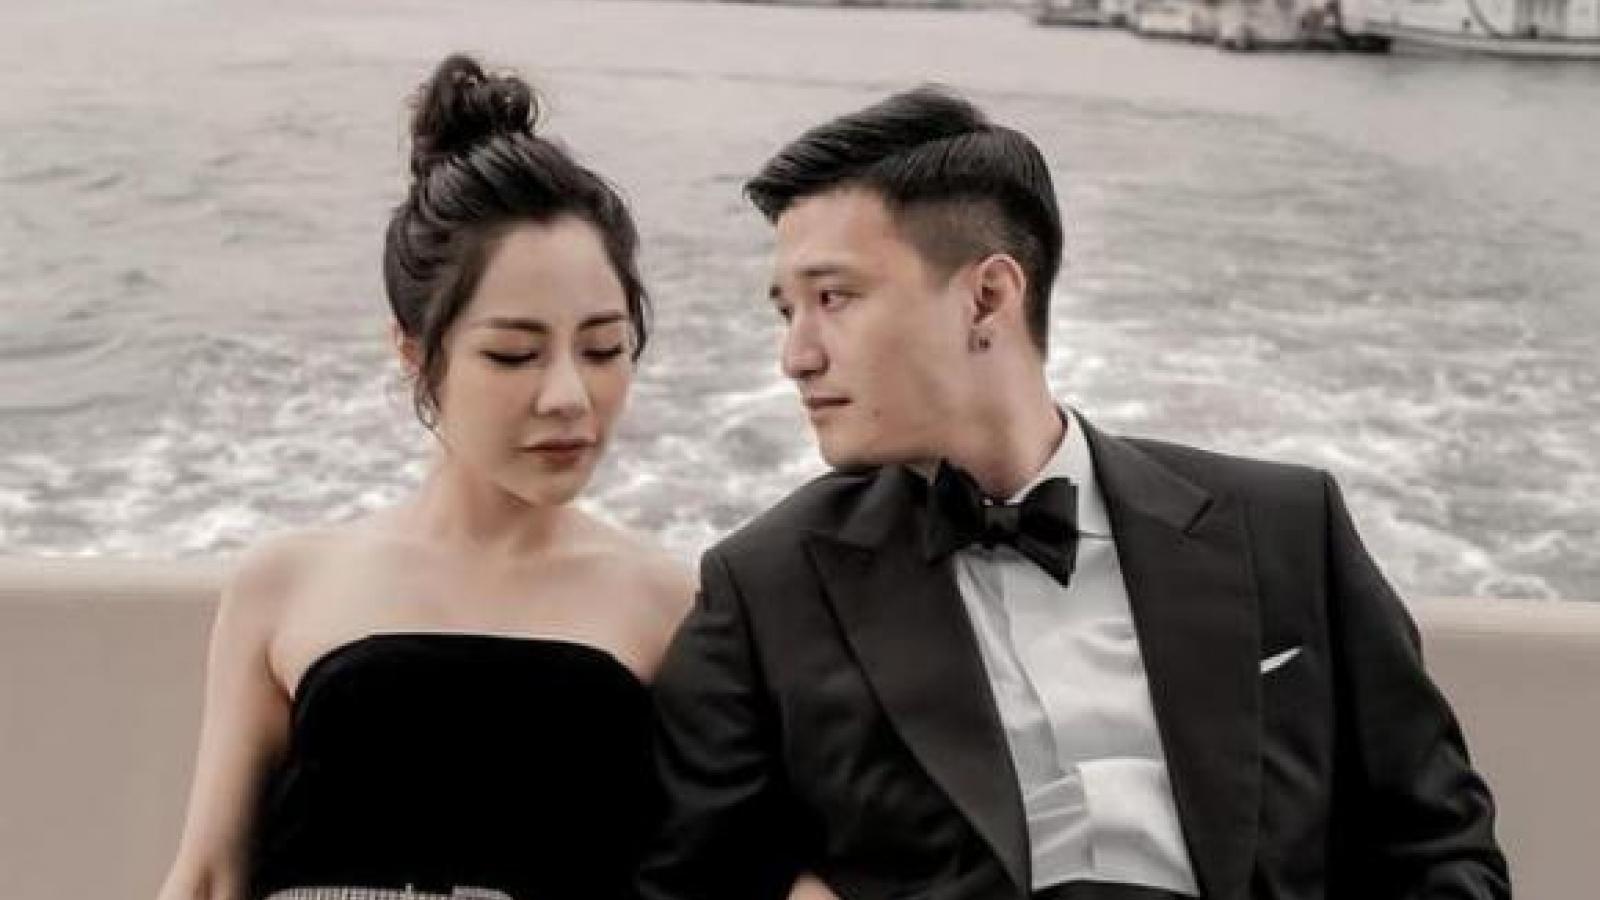 Chuyện showbiz: Huỳnh Anh tiết lộ về đám cưới và kế hoạch có con sau màn cầu hôn bạn gái